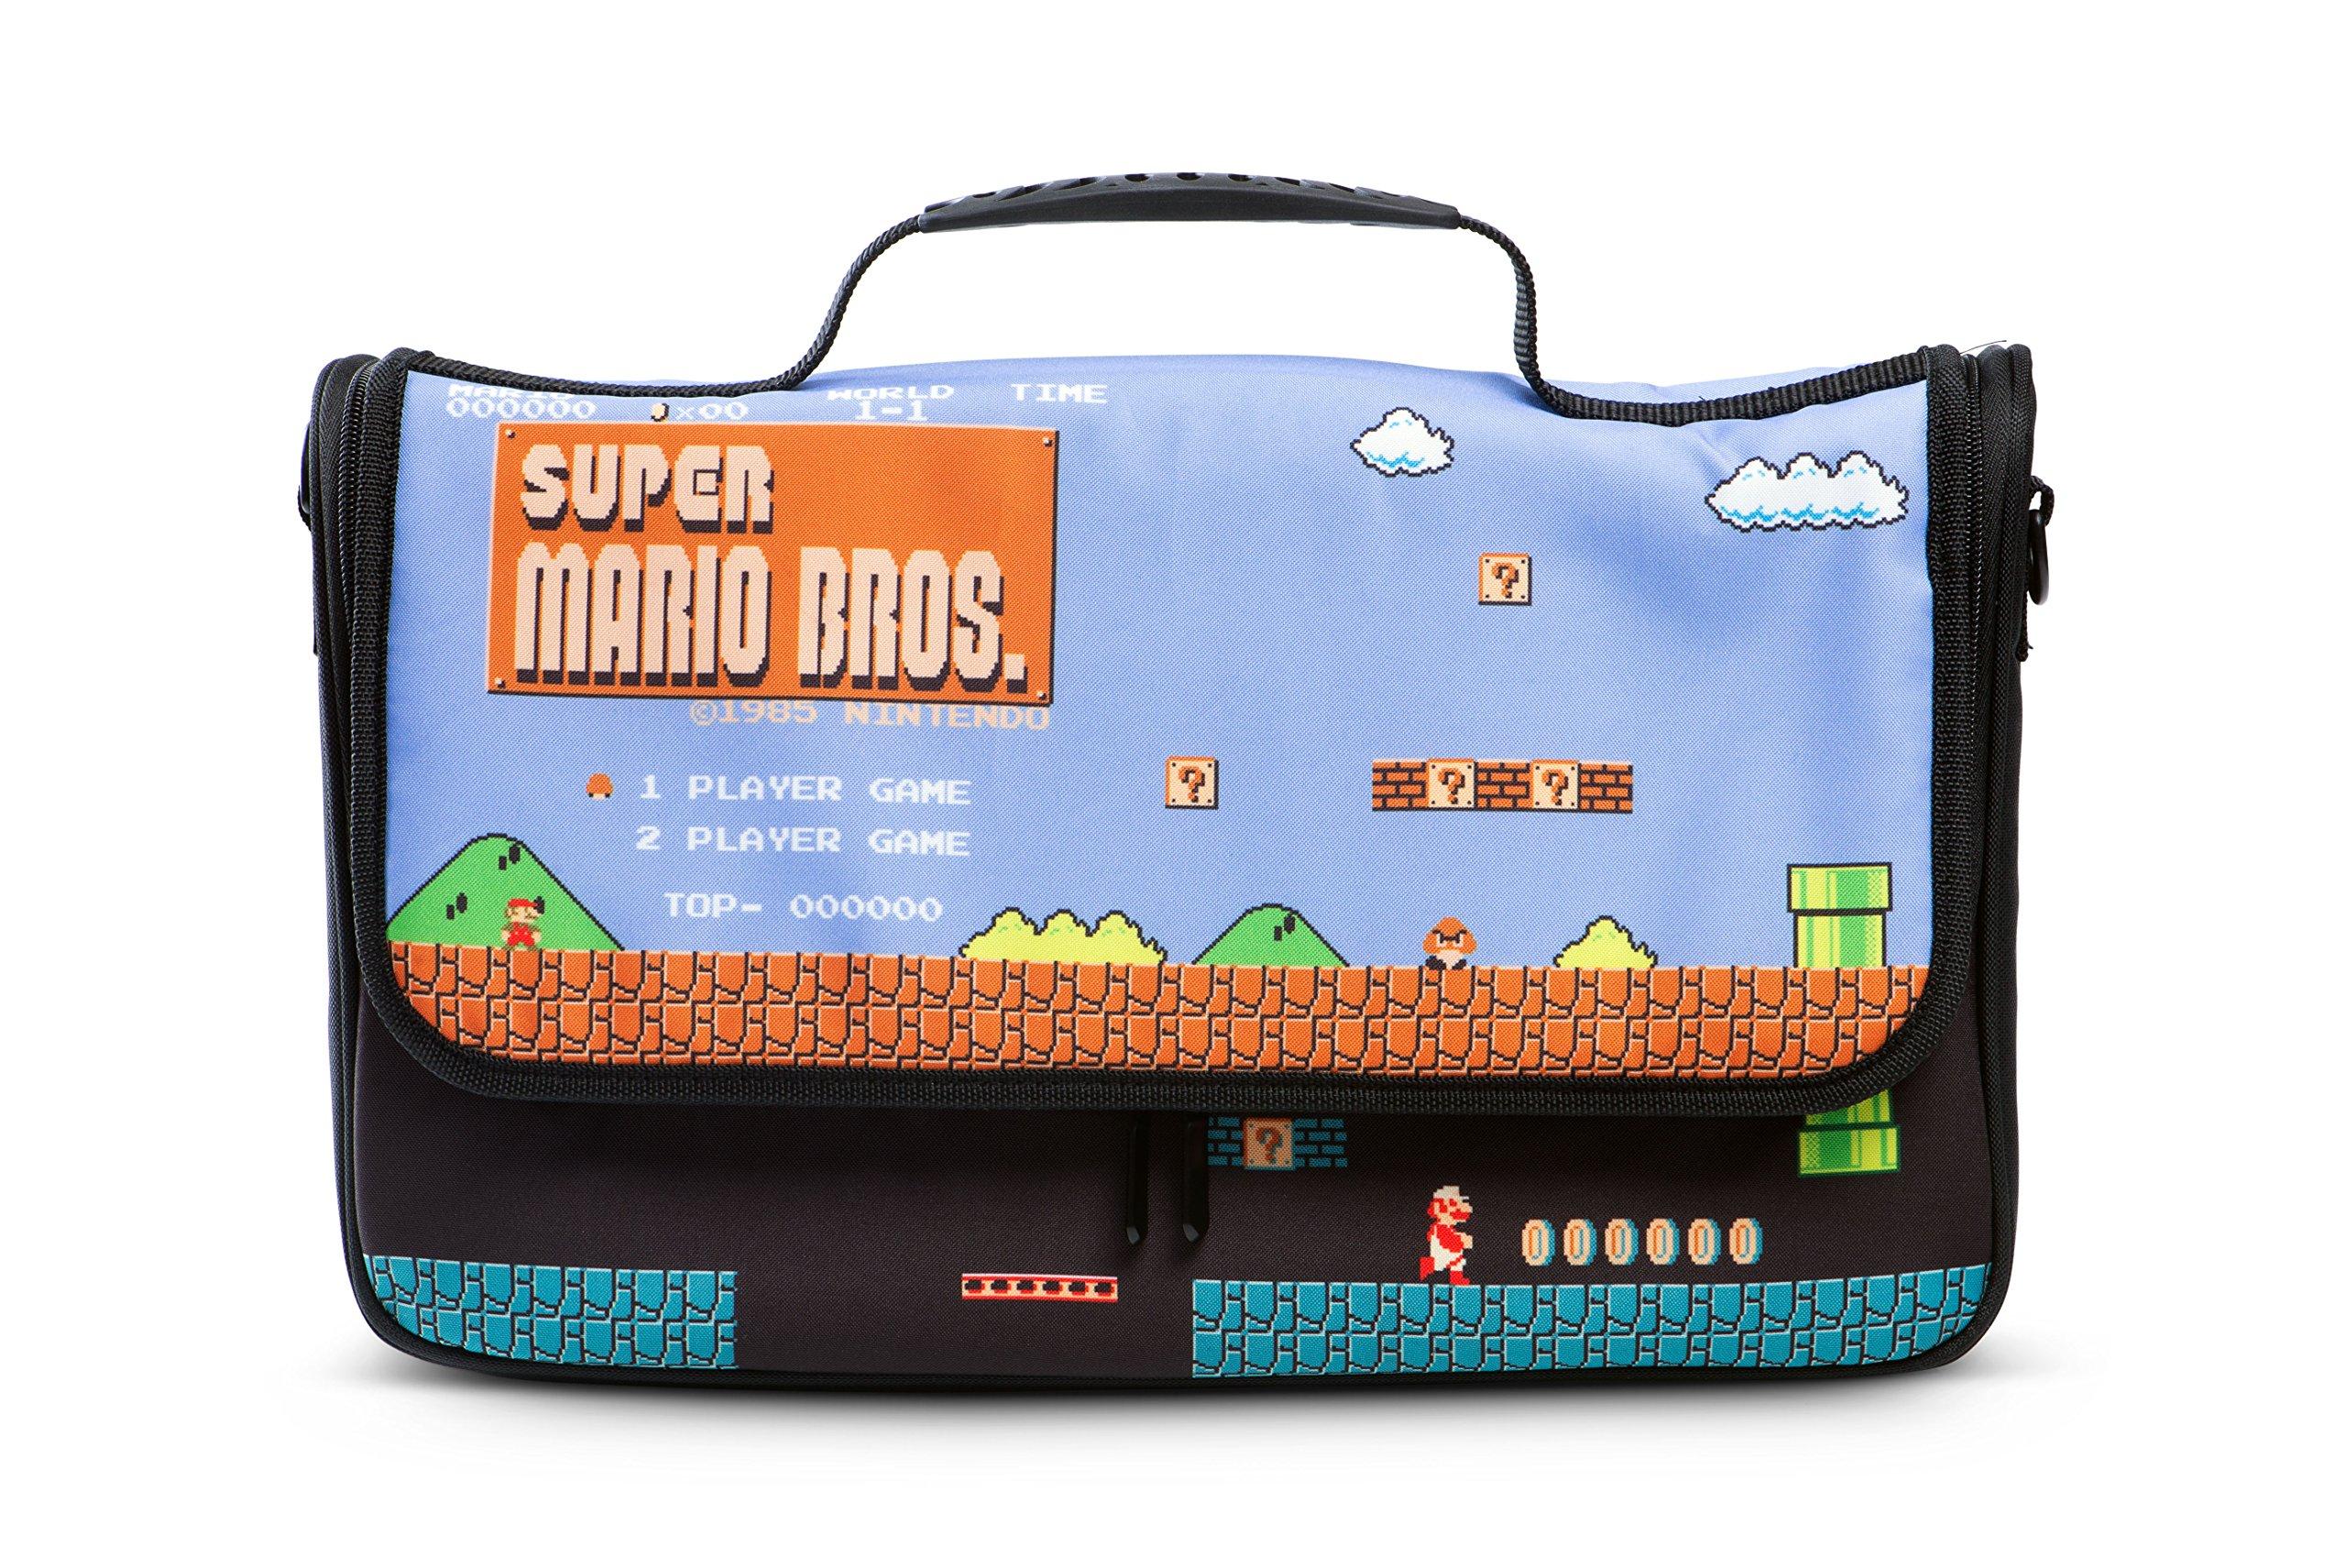 d11495a584cd PowerA Everywhere Messenger Bag for Nintendo Switch - Super Mario Bros. -  Nintendo Switch